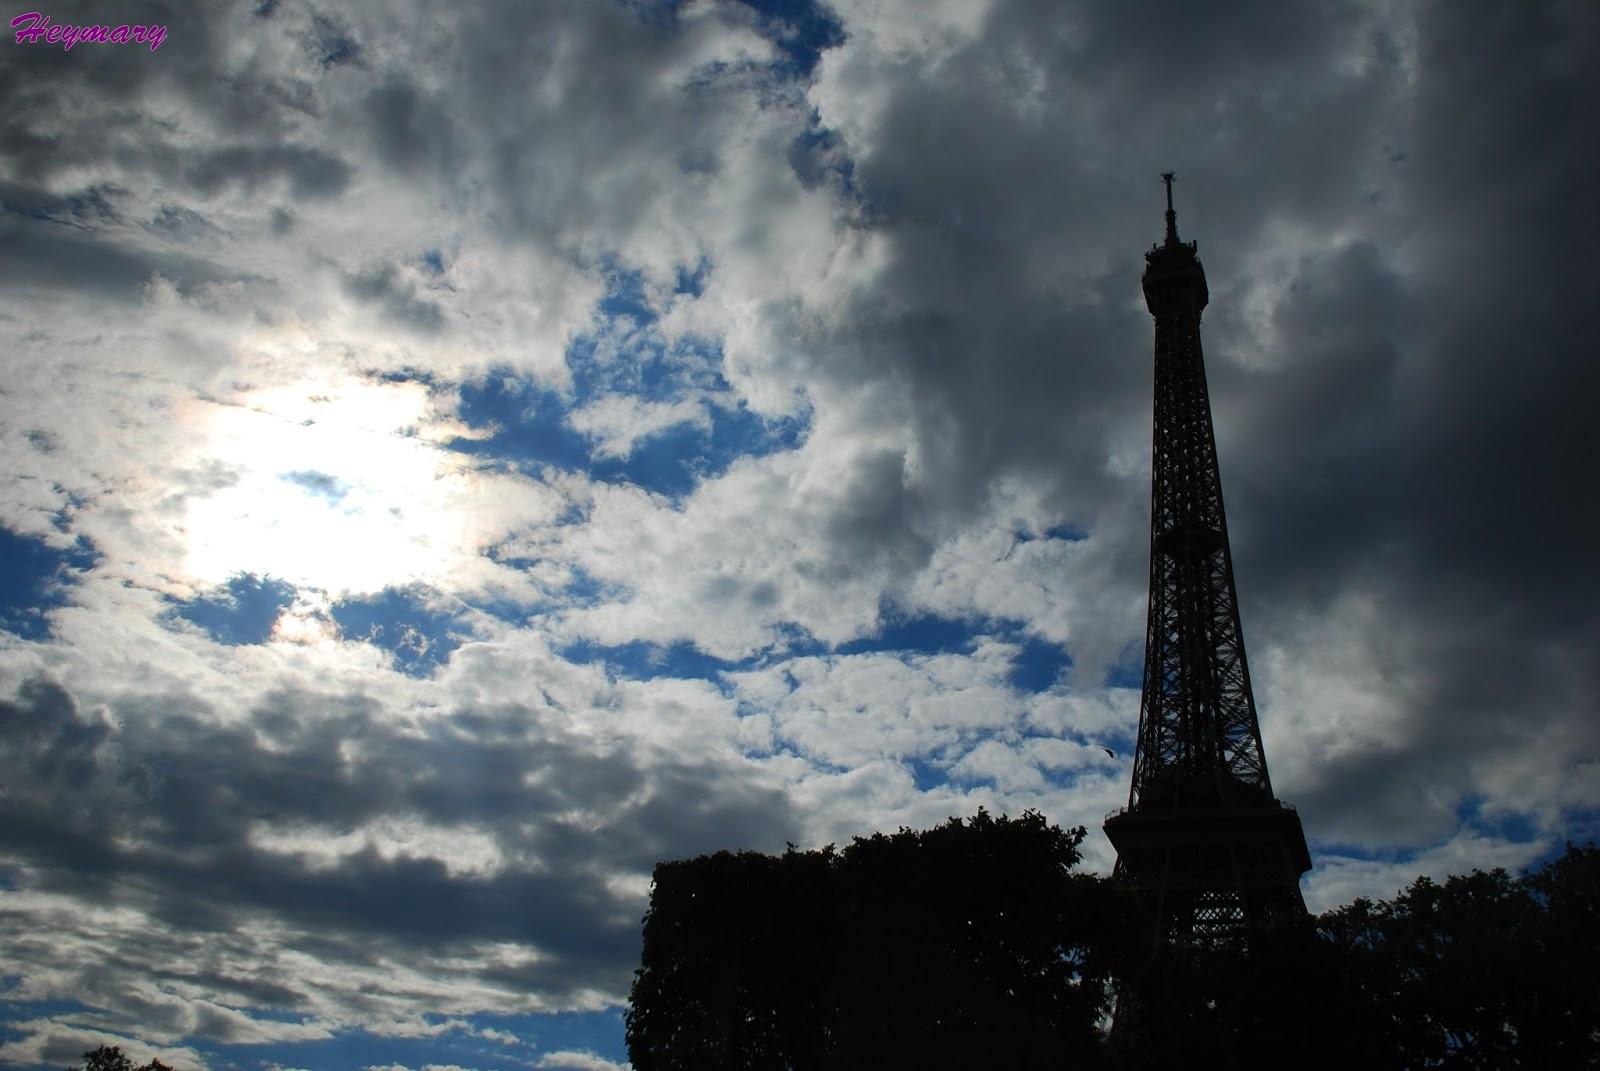 艾菲爾鐵塔Eiffel Tower 2017/05/20 1887年起建,而設計師為居斯塔夫.艾菲爾 分為三層,分別離地57.6米,115.7米,276.1米,一、二樓為餐廳,三樓為觀景台,塔座有1711級階梯,共7000噸鋼鐵,12000個金屬部件,250萬顆鉚釘,模仿人體骨頭為建,鏤空結構鐵塔,塔高300公尺,總高320公尺